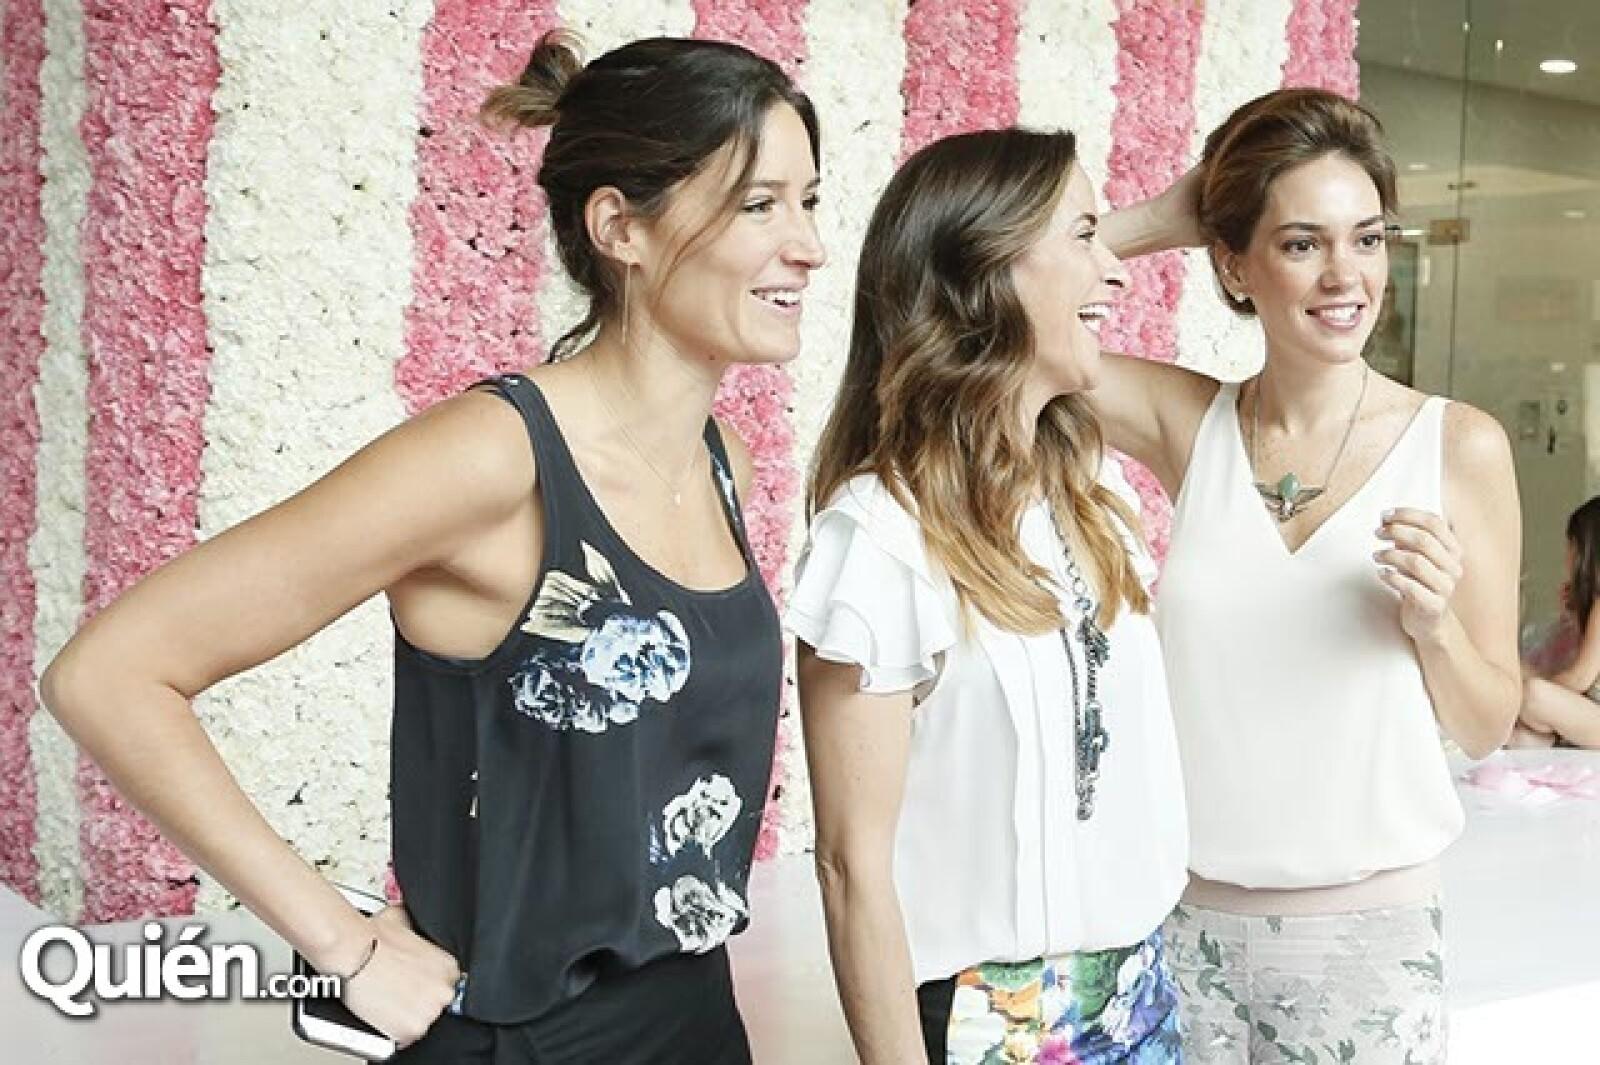 Alejandra Albarrán,Raquel Touché y Nona de la Rosa